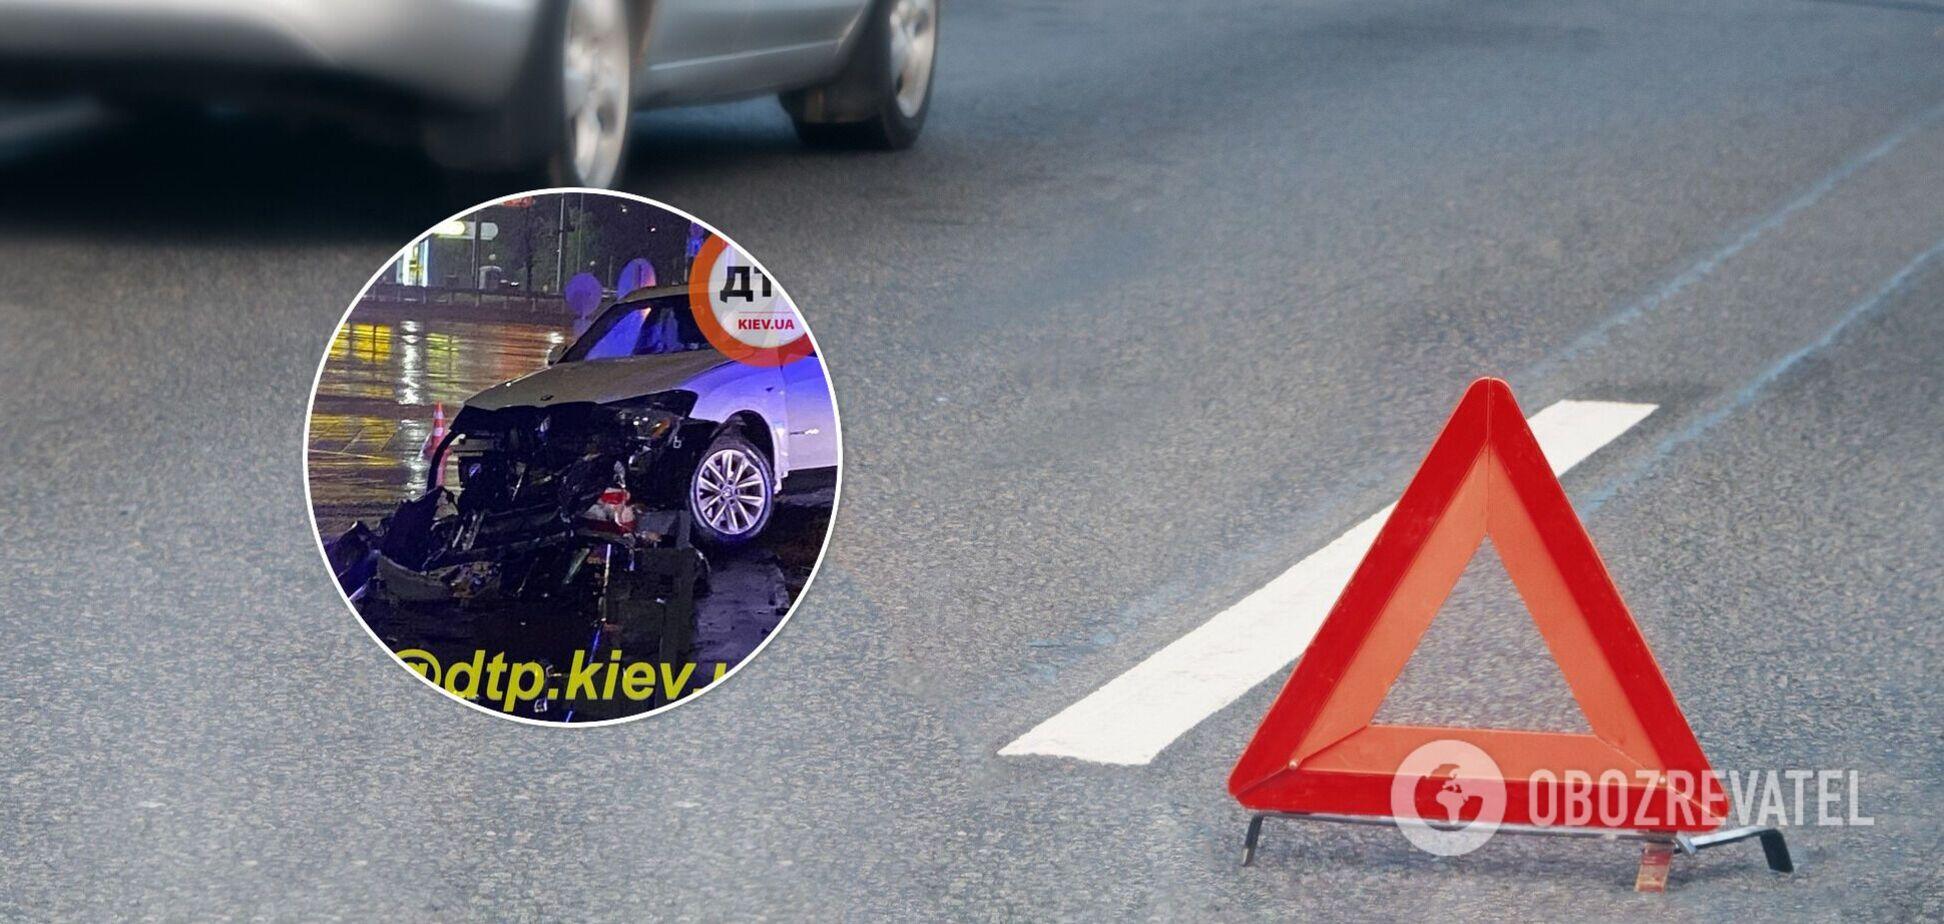 У Києві в ДТП з BMW постраждали двоє осіб, водій міг втекти. Фото і відео